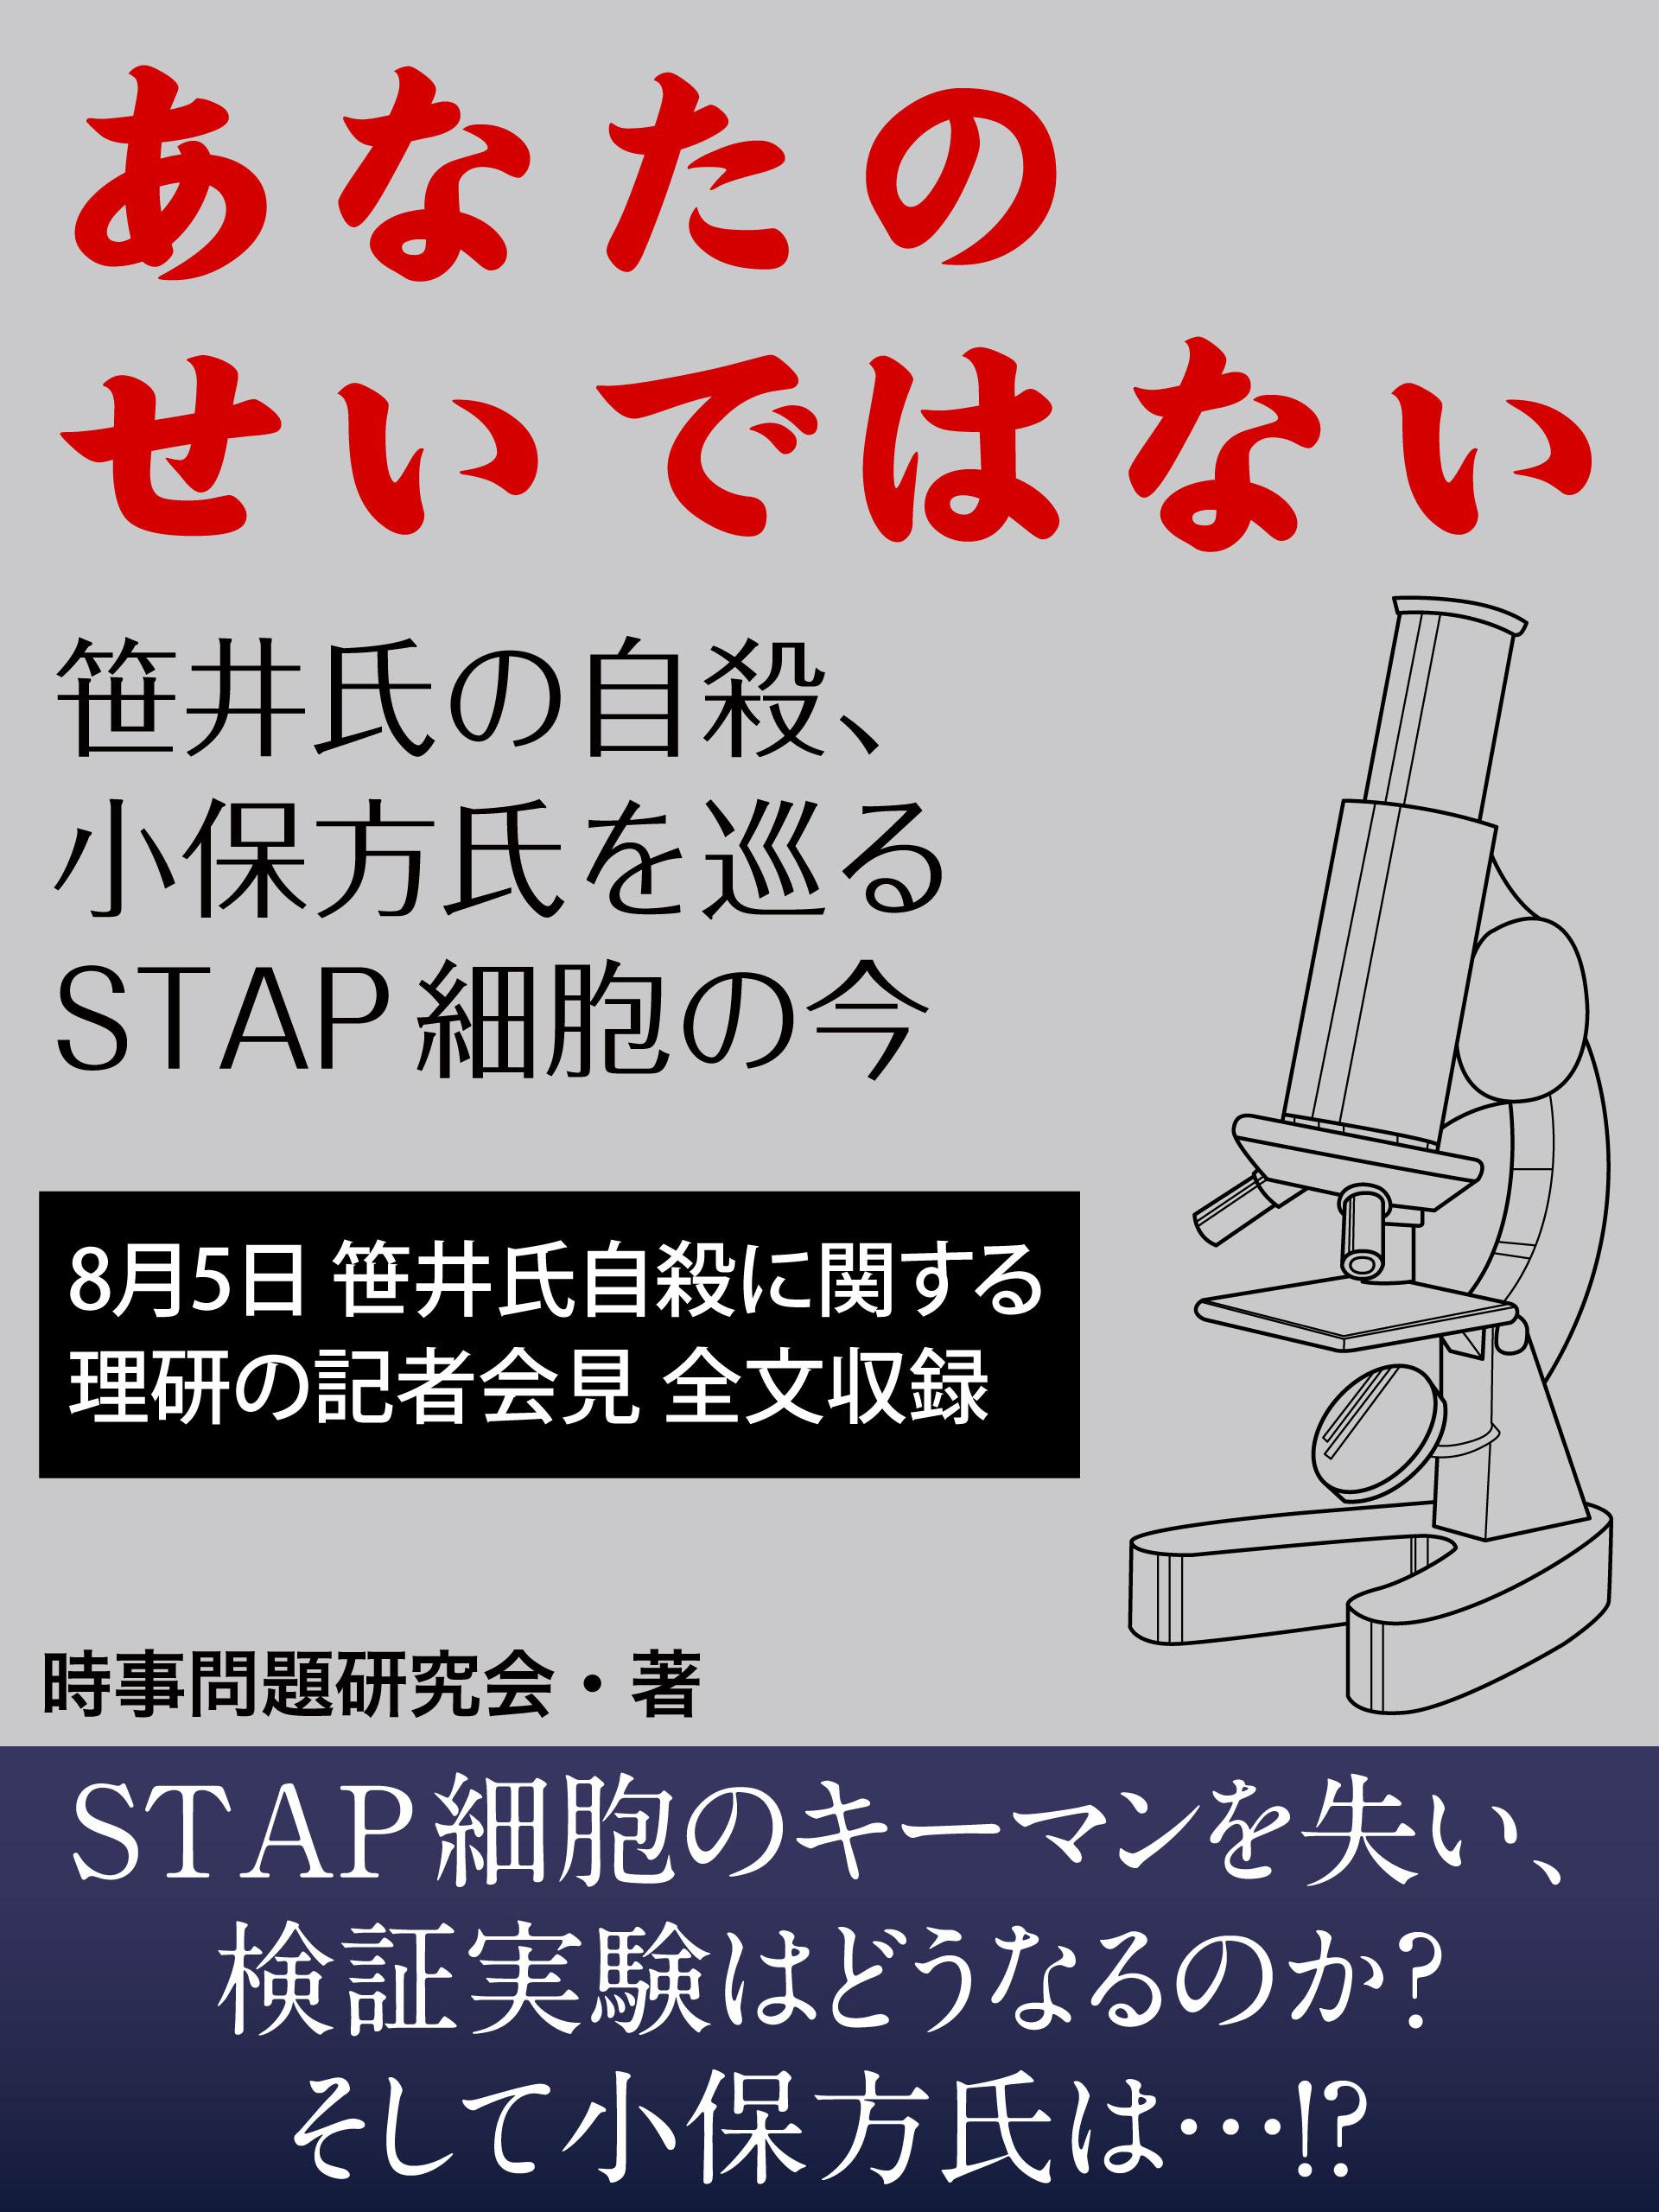 あなたのせいではない 笹井氏の自殺、小保方氏を巡るSTAP細胞の今